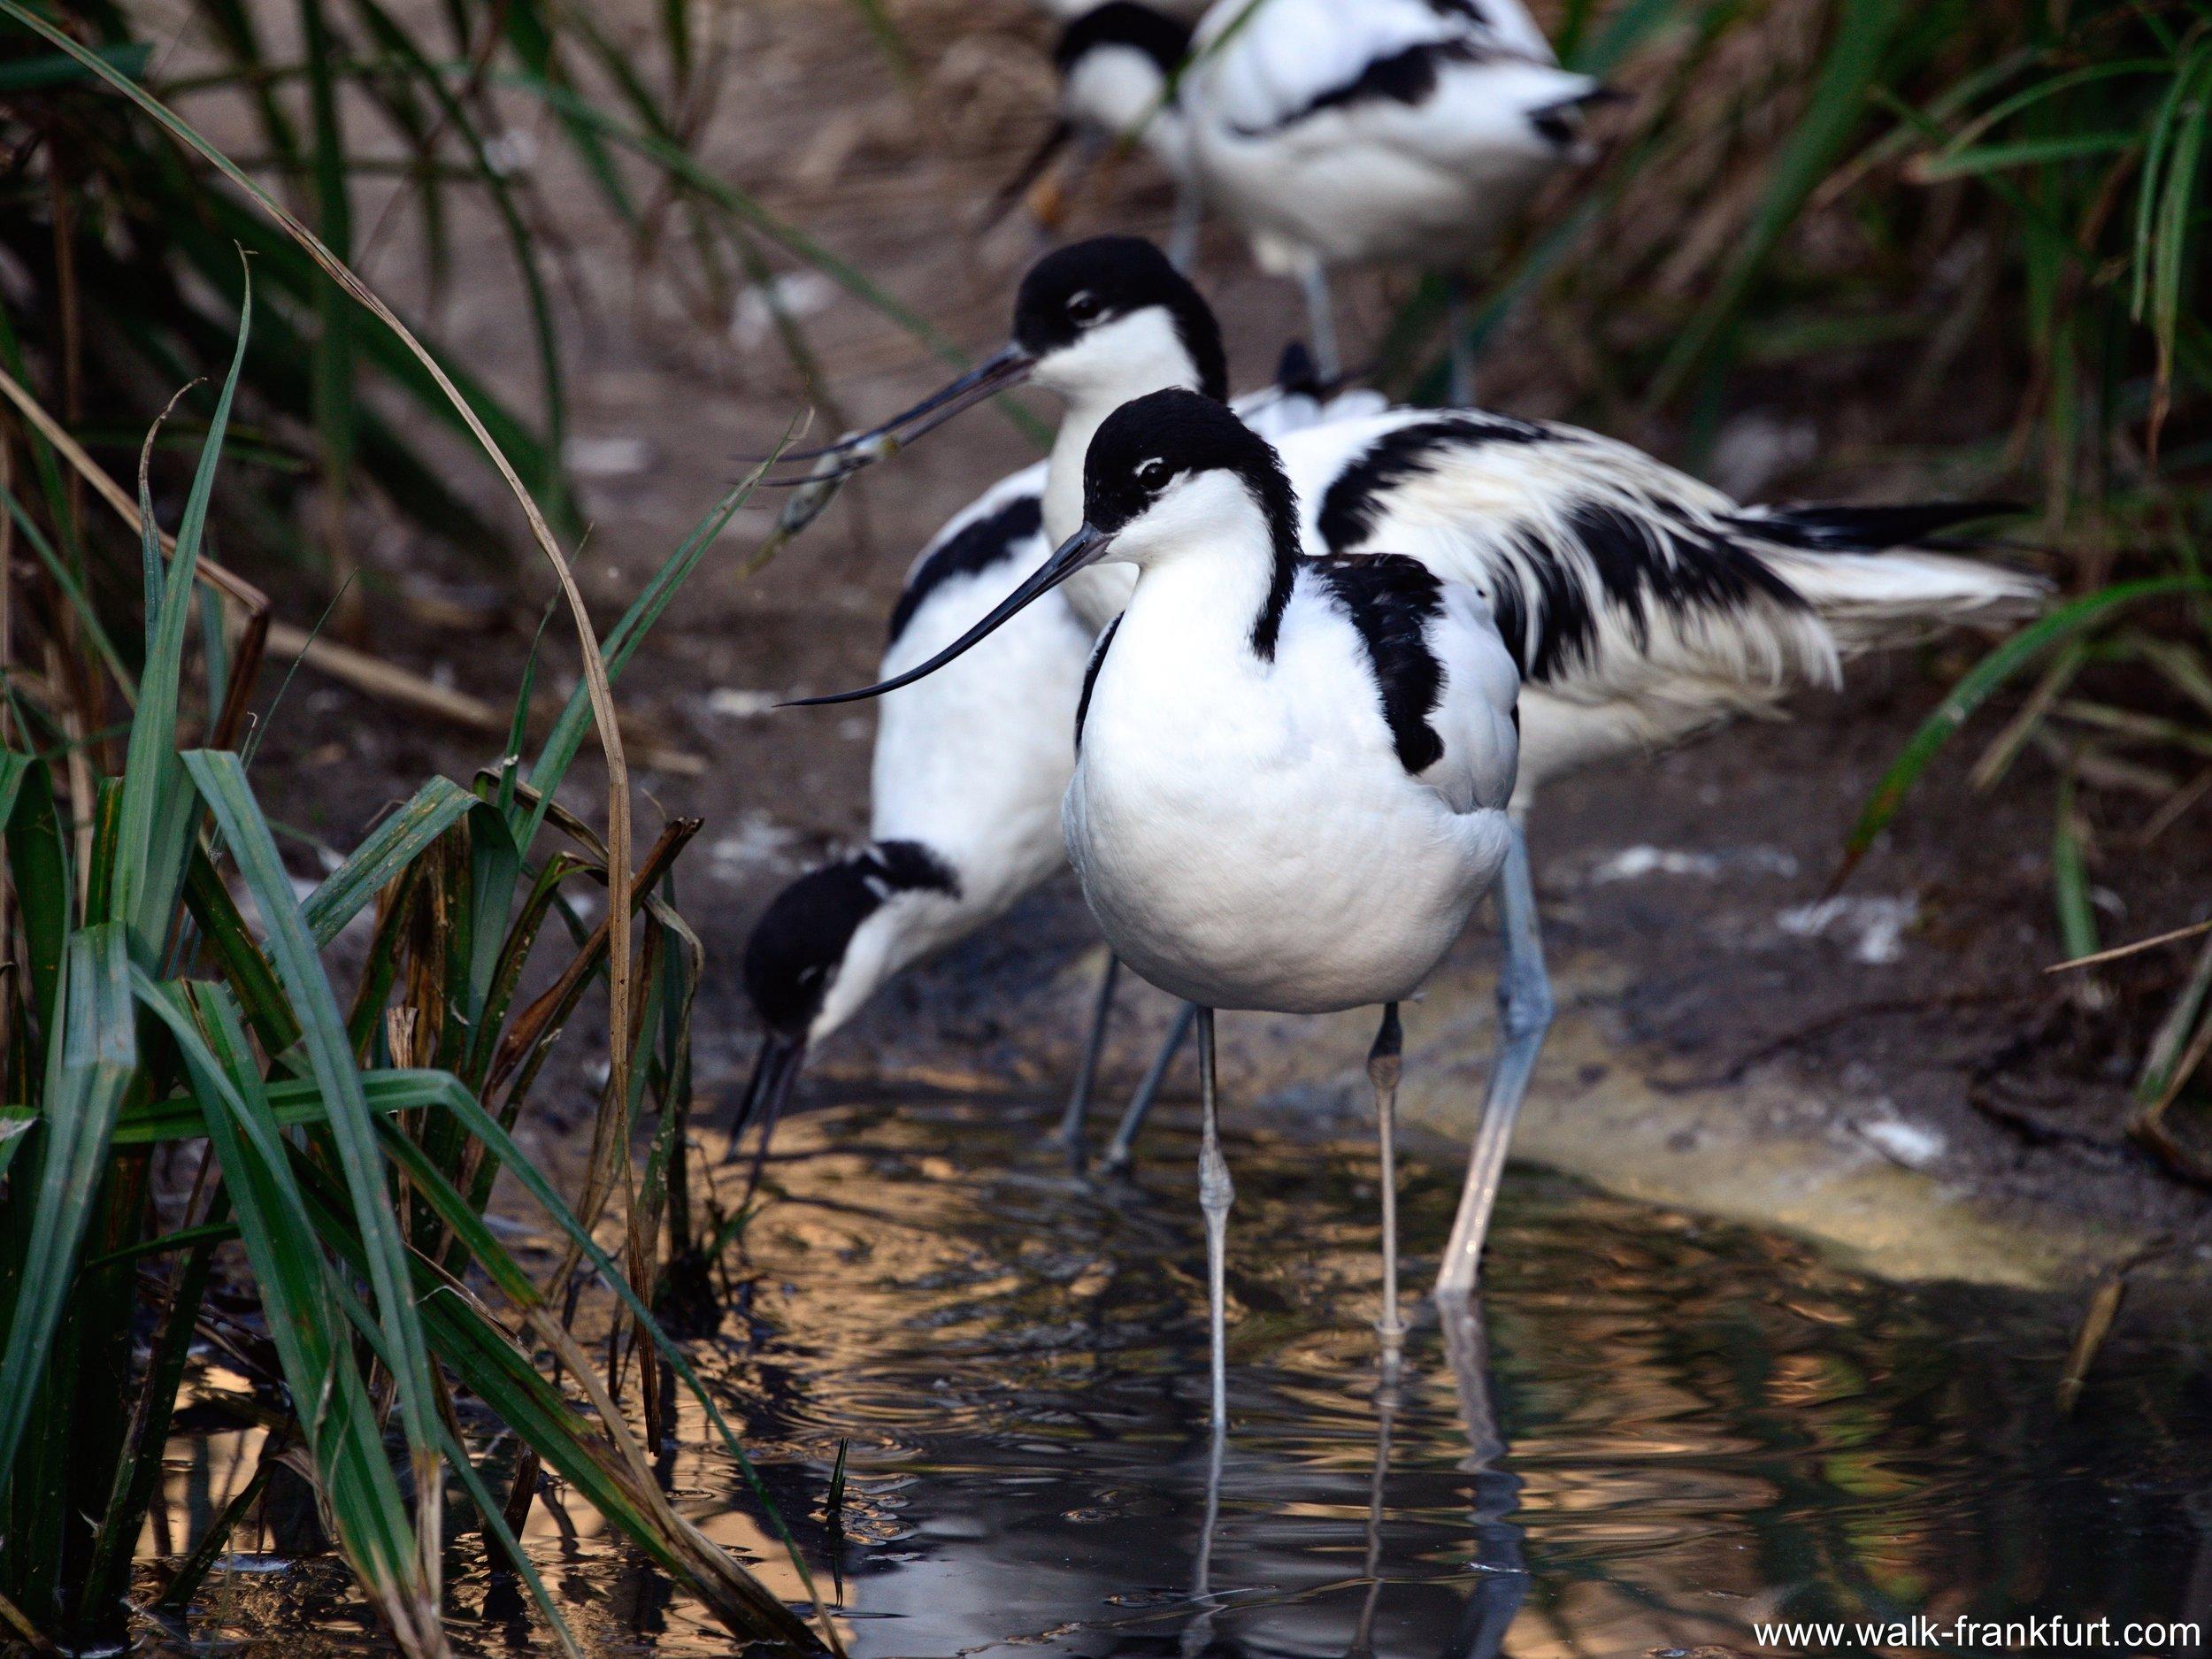 Frankfurt_Zoo_Waders_419_1054.jpg